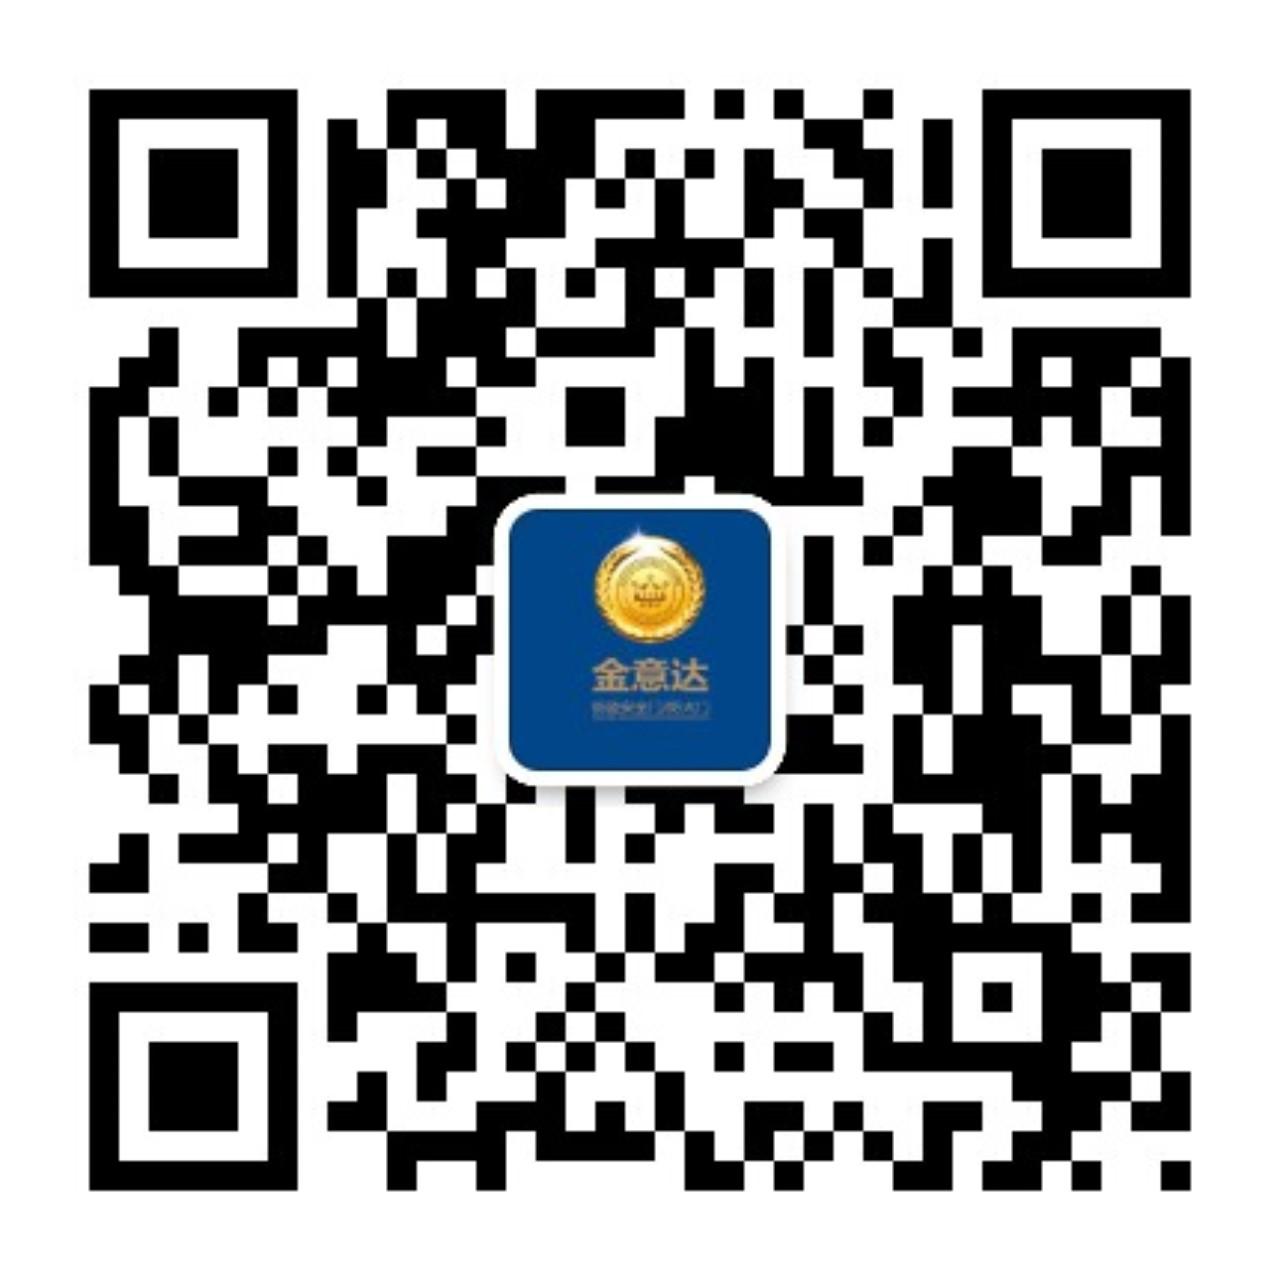 金意达微信公众号二维码